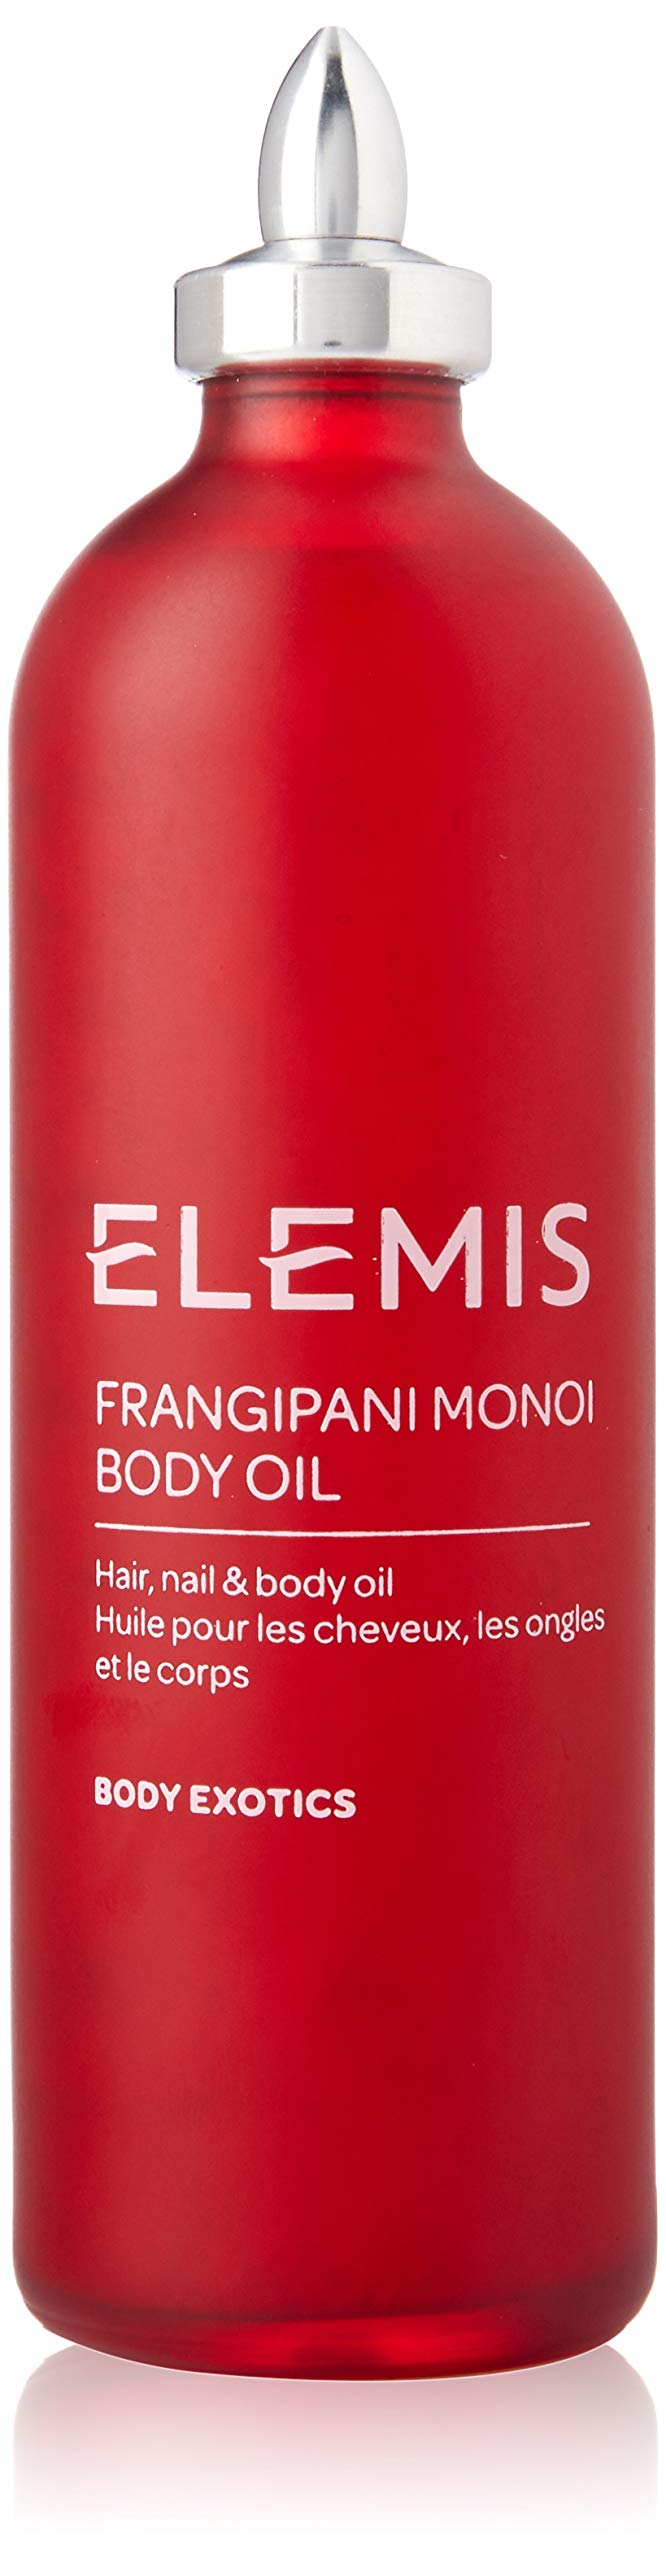 ELEMIS Frangipani Monoi Body Oil - Hair, Nail, and Body Oil, 3.3 fl. oz. by ELEMIS